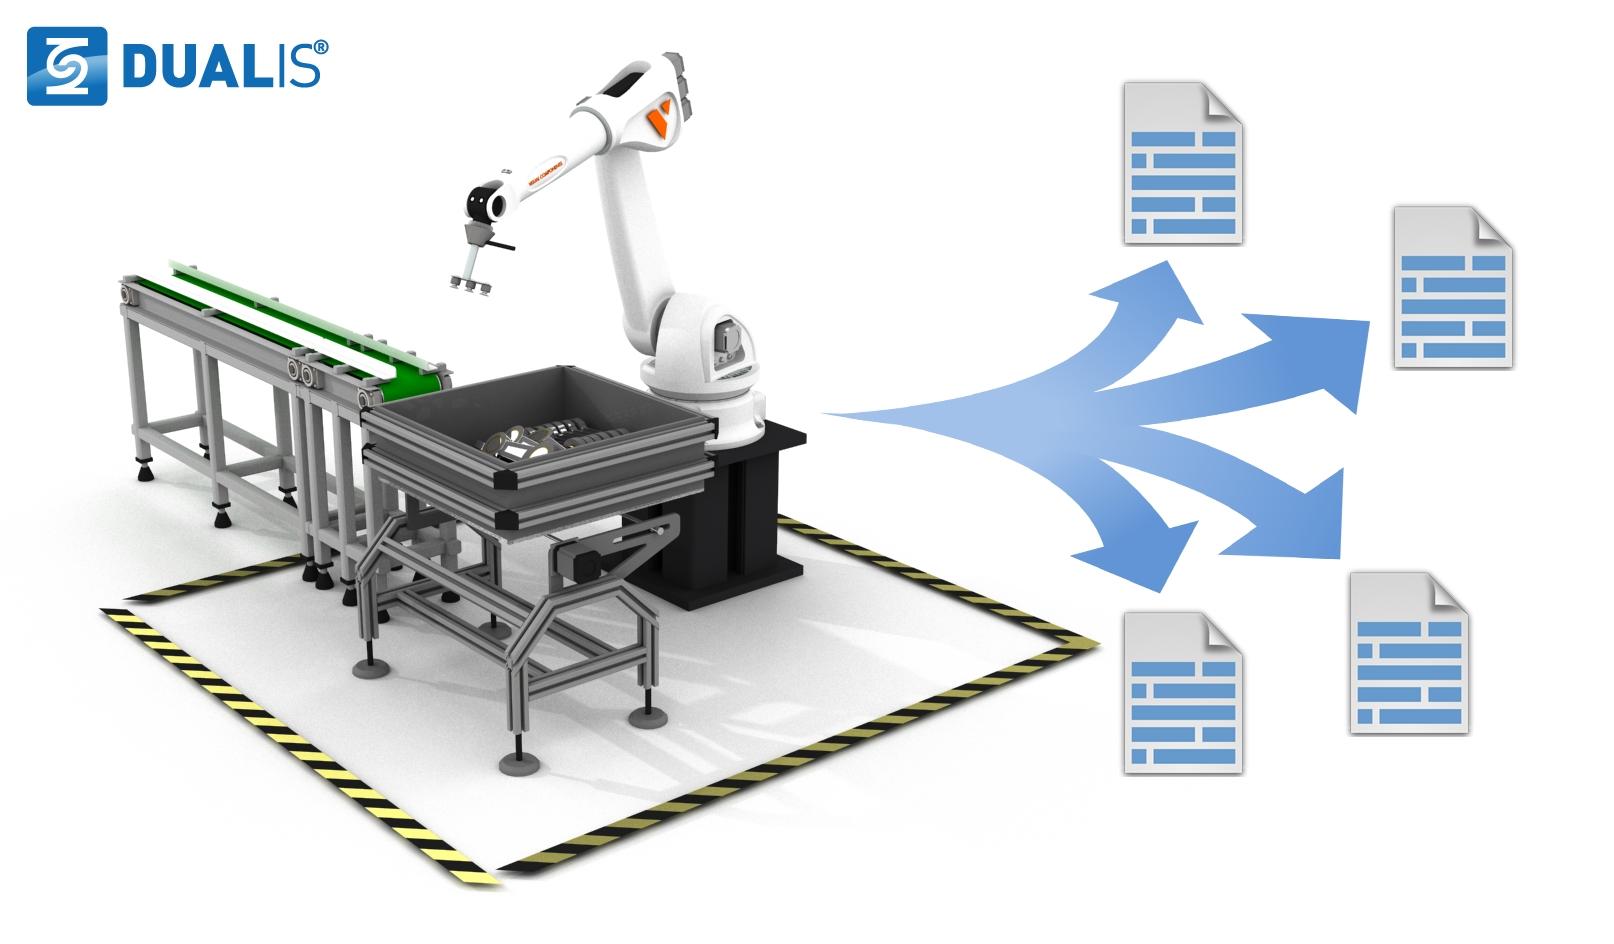 DUALIS mit neuen Add-ons für die individuelle 3D-Simulation mit Visual Components